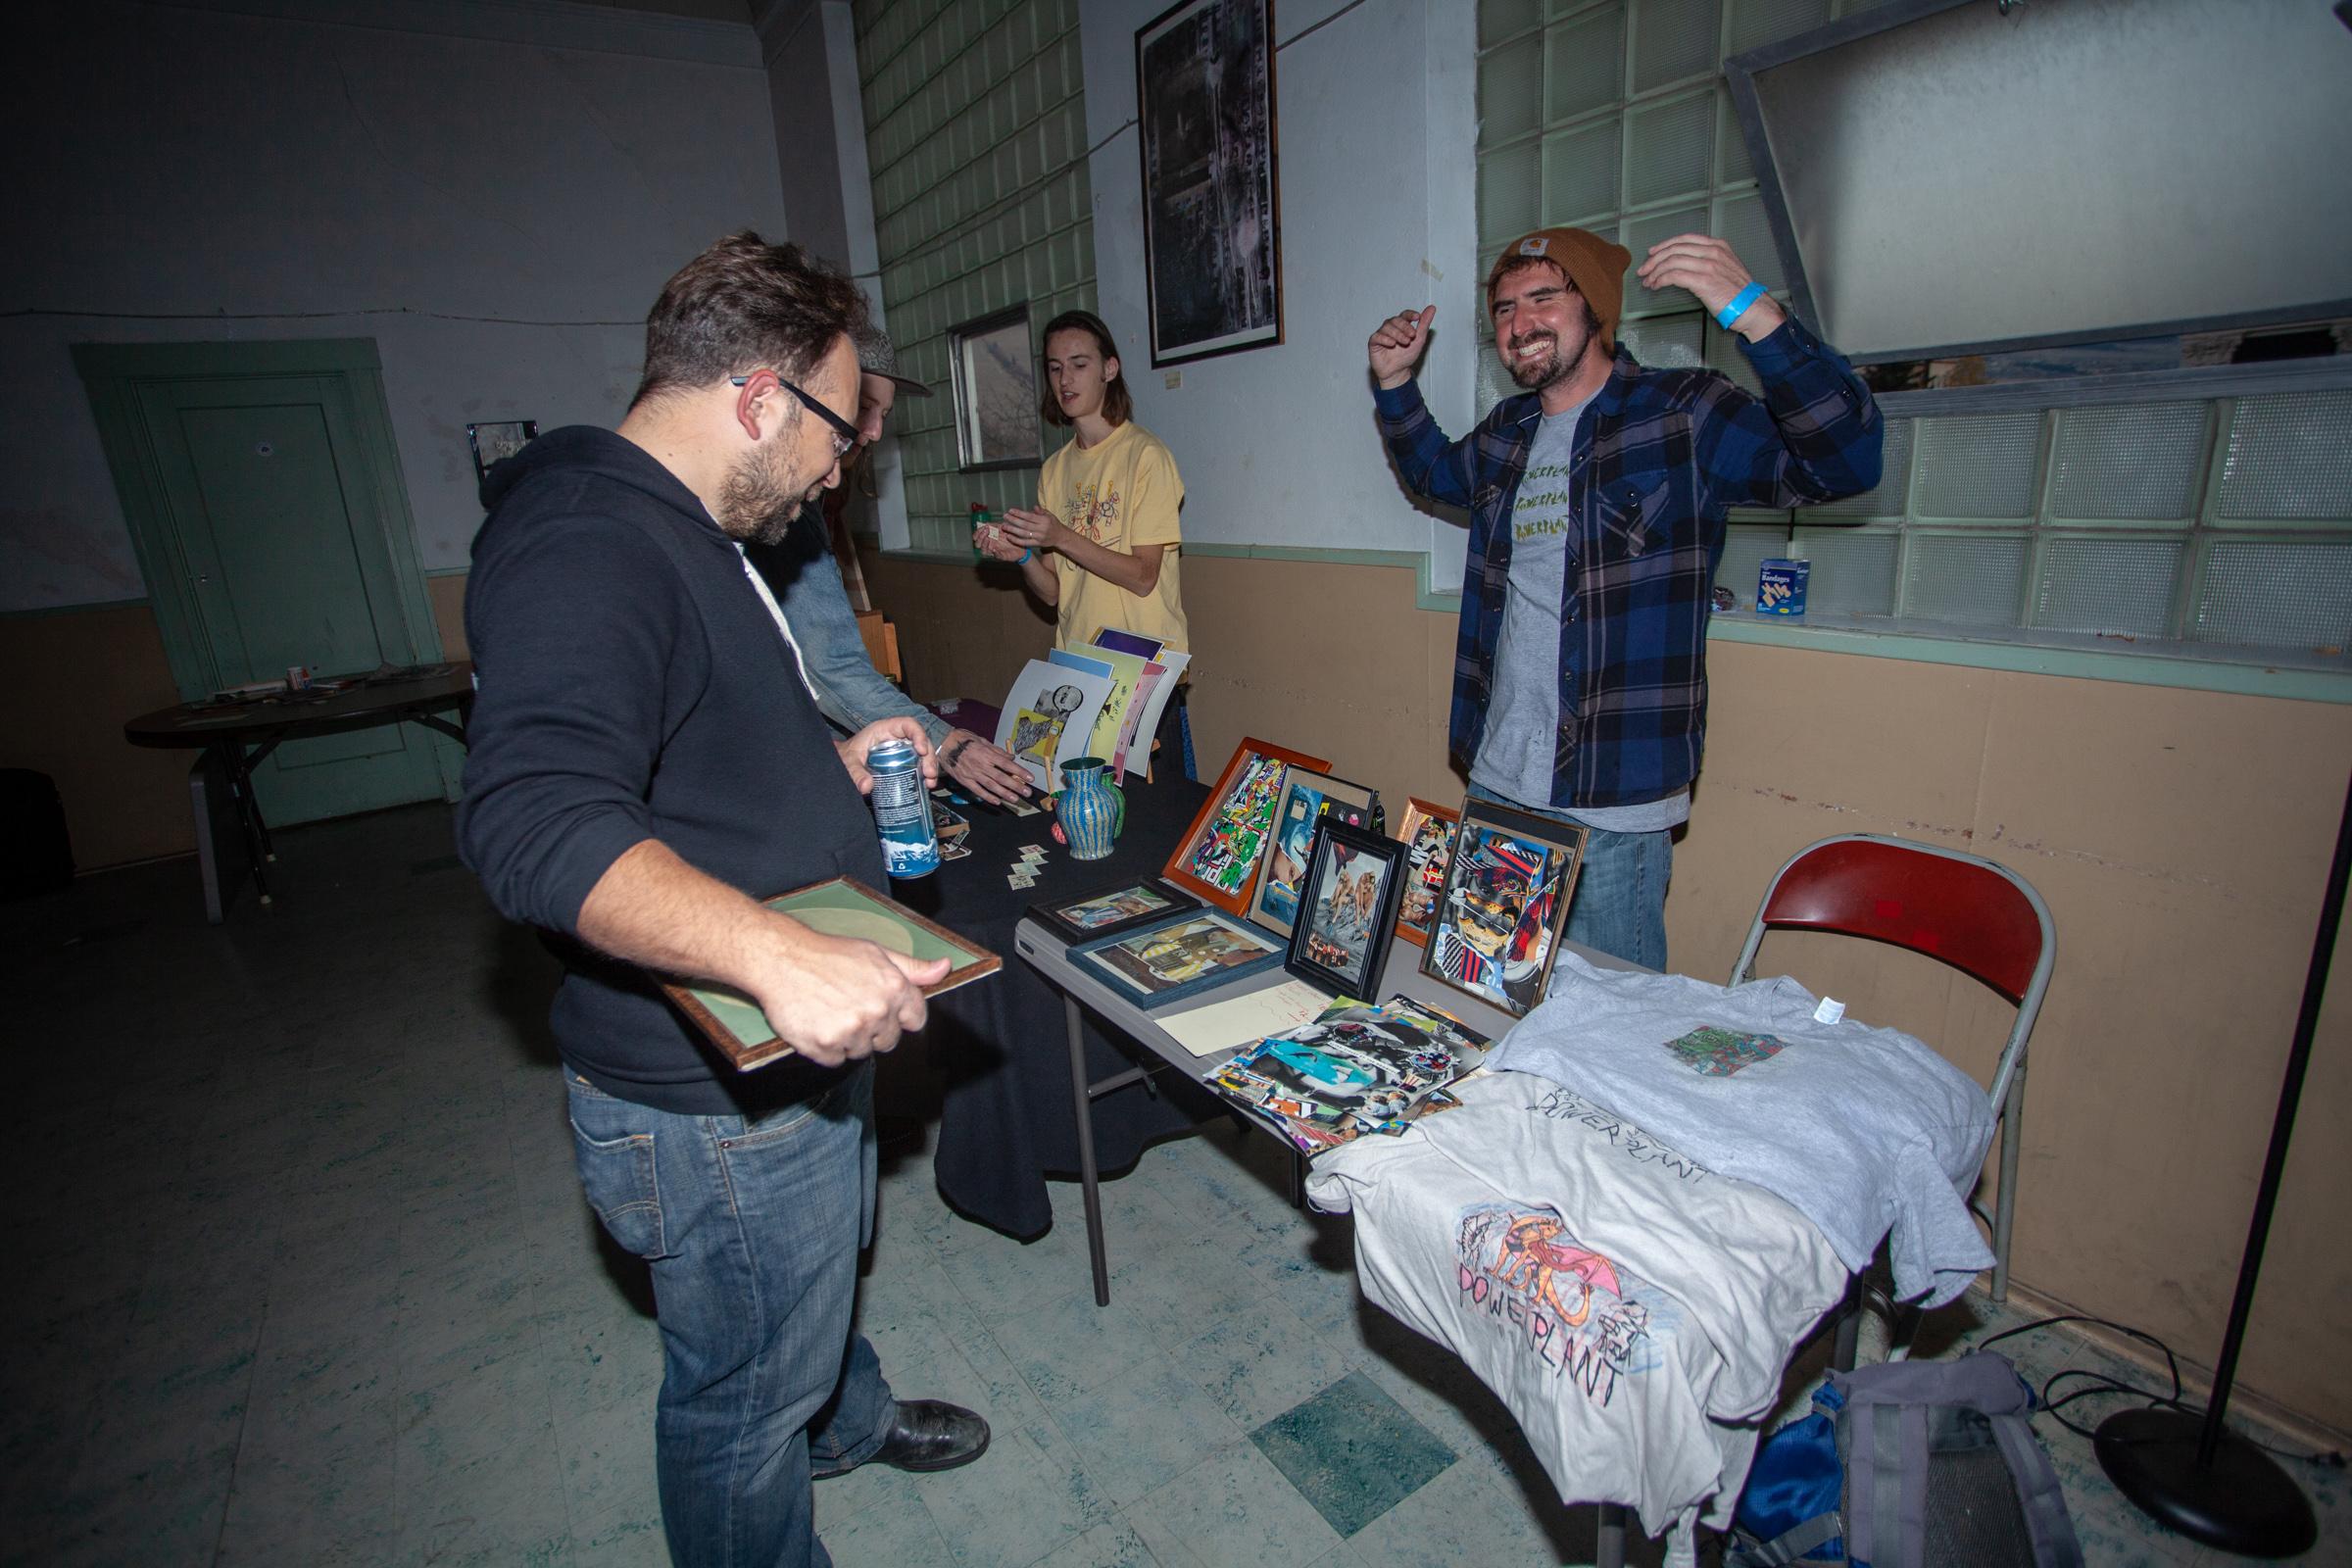 Jay Bruns, Dusty, Koby Silverman - Photo: Dónal Cían Lakatua - GCR Fest 2018